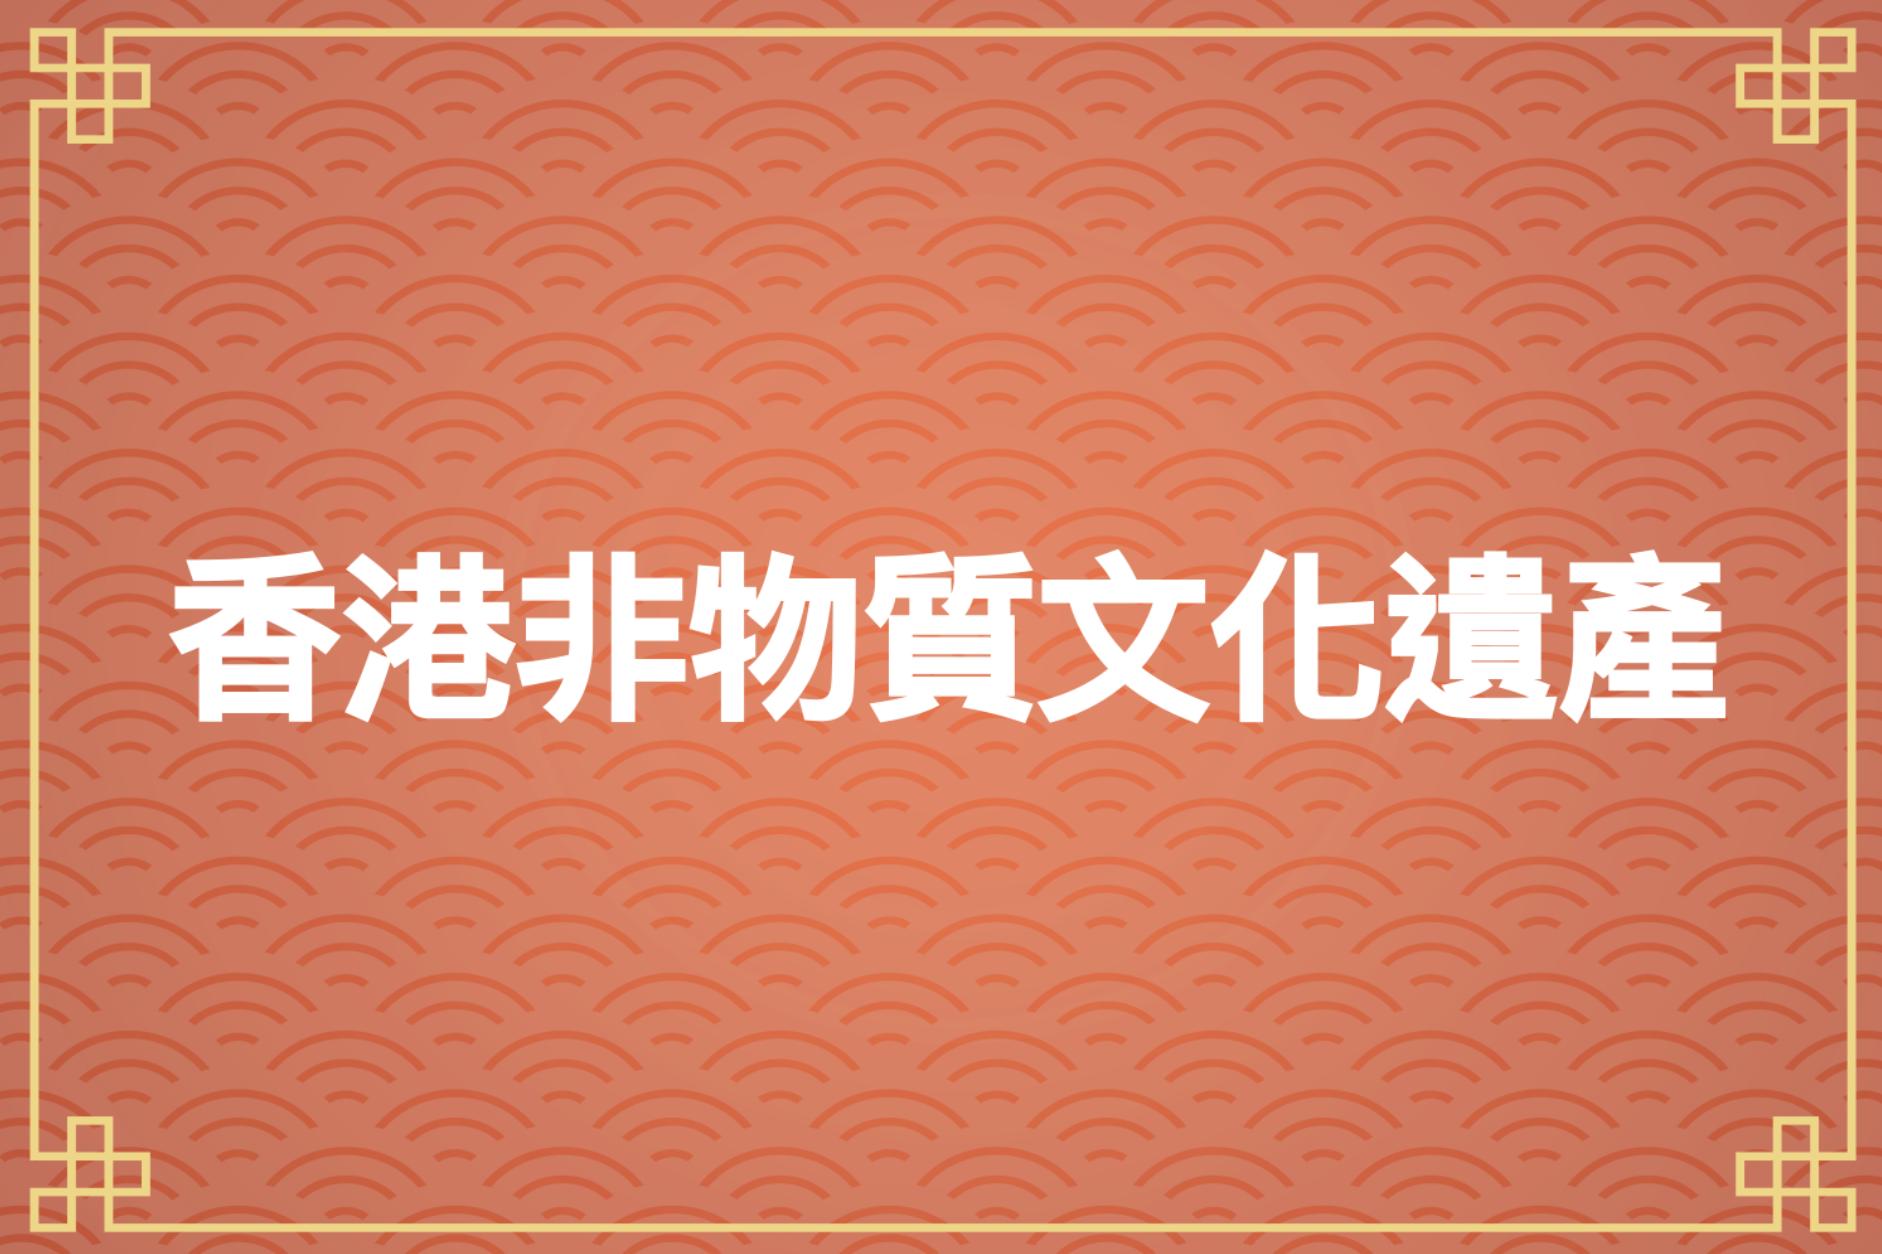 yingmukuaizhao_2020-04-29_xiawu4.14.45